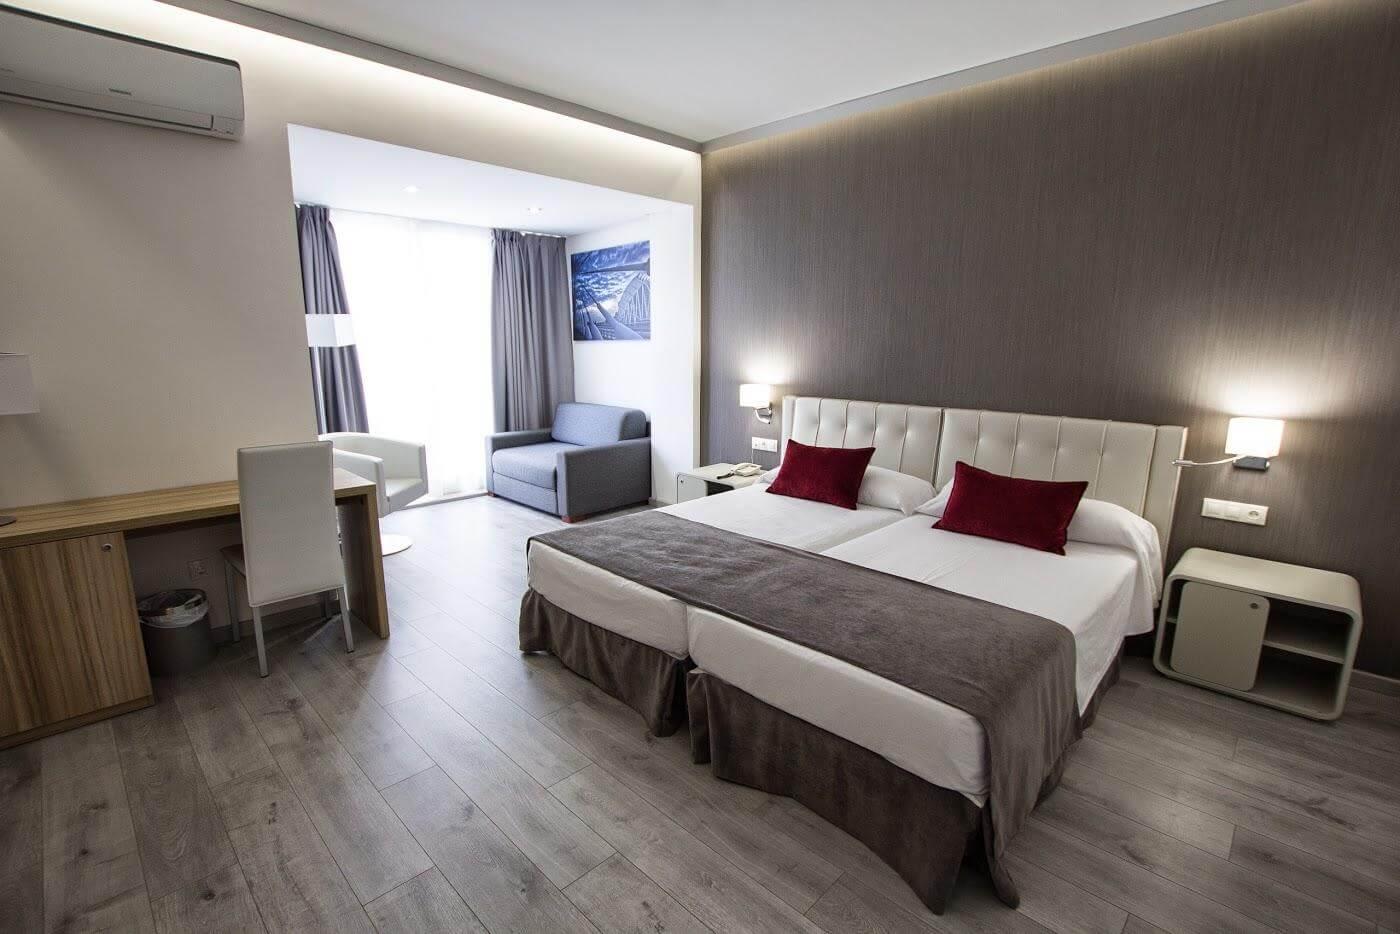 Sweet Hotel Renasa em Valência - quarto